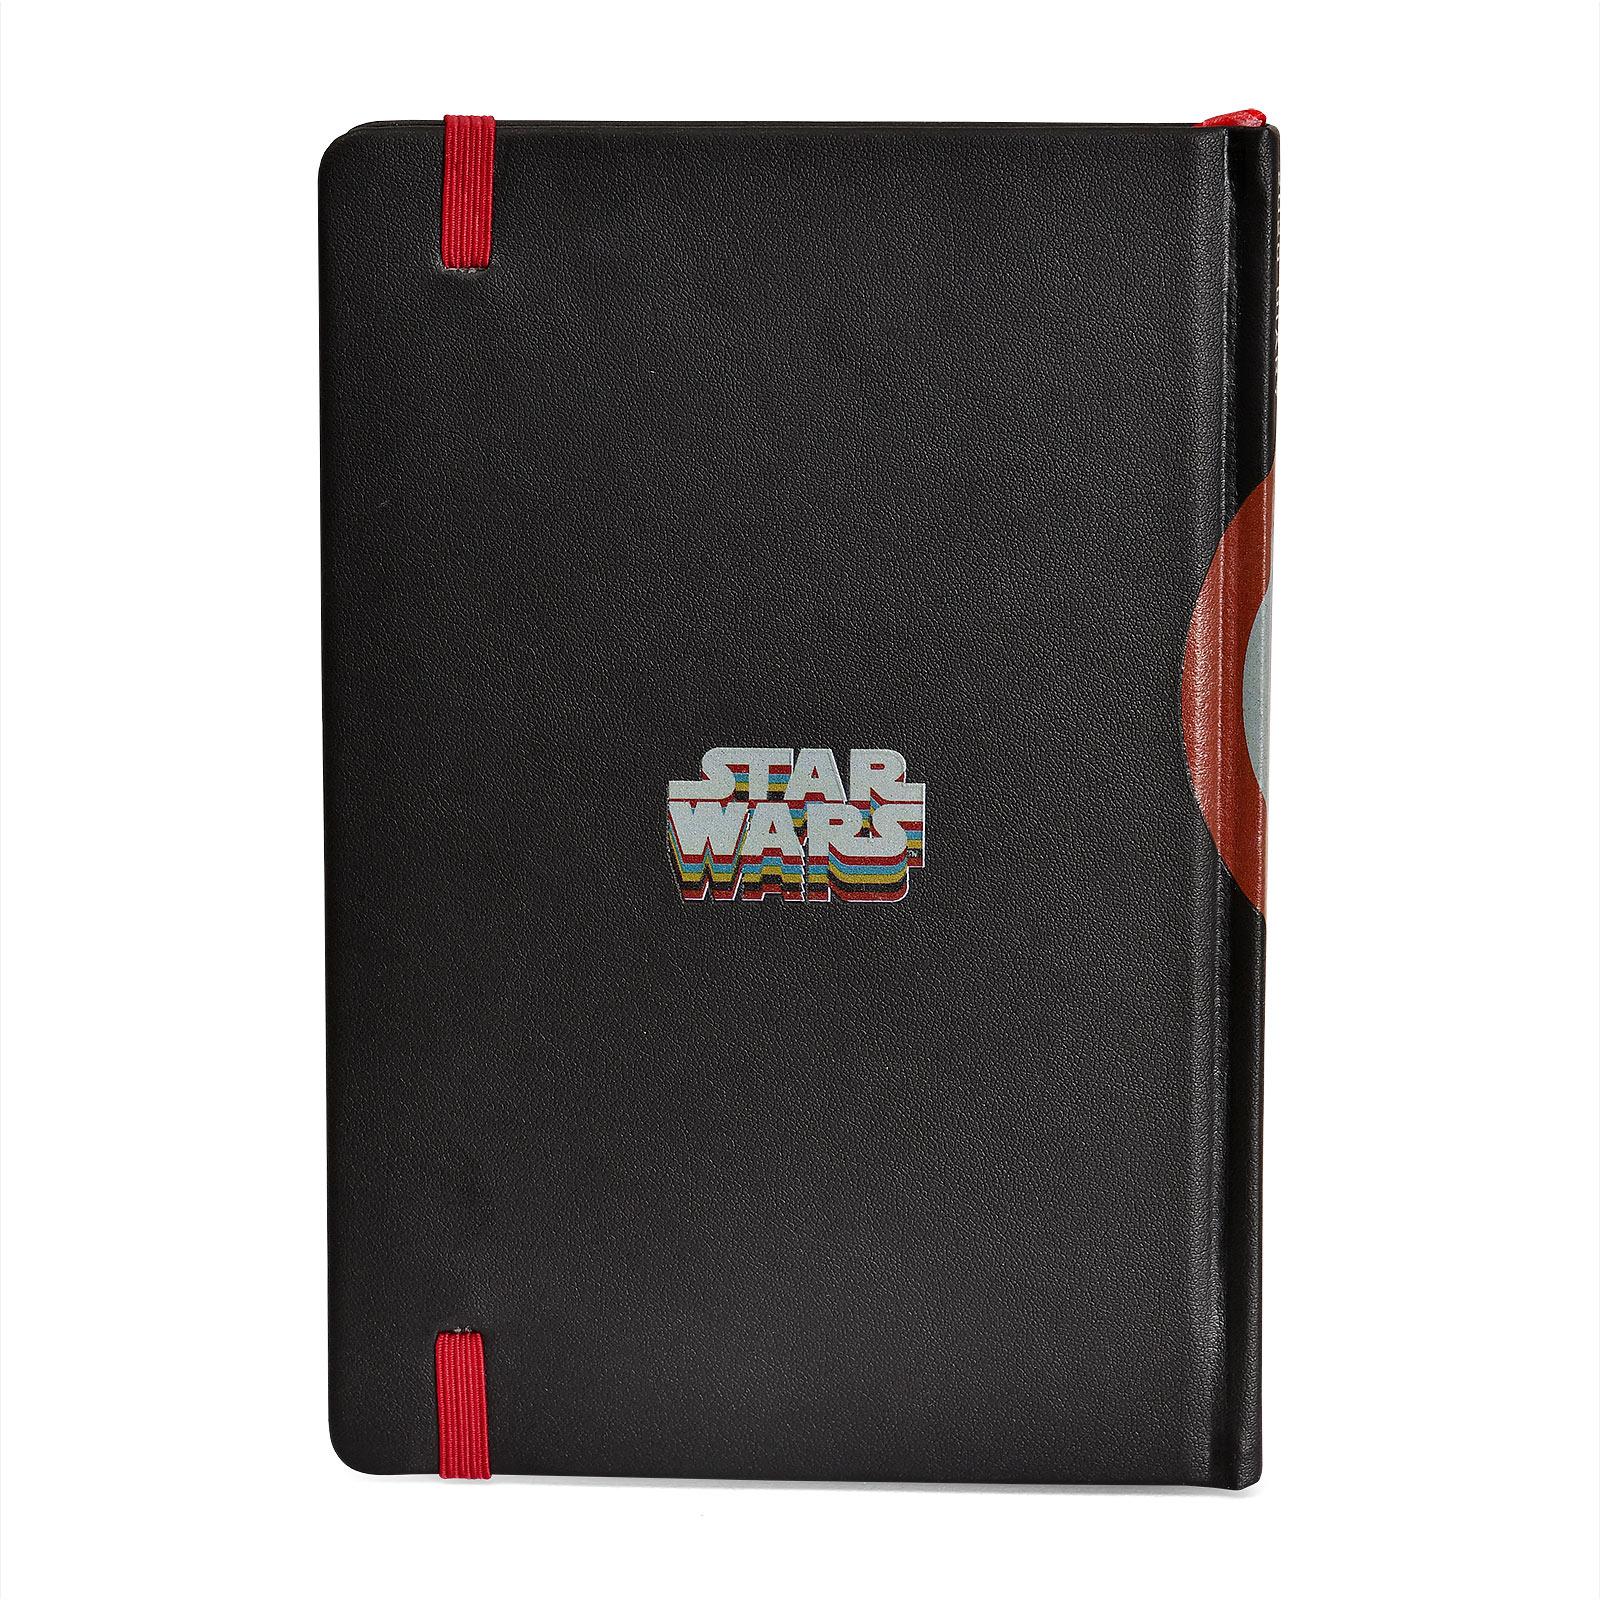 Star Wars - Retro Taschenkalender 2020